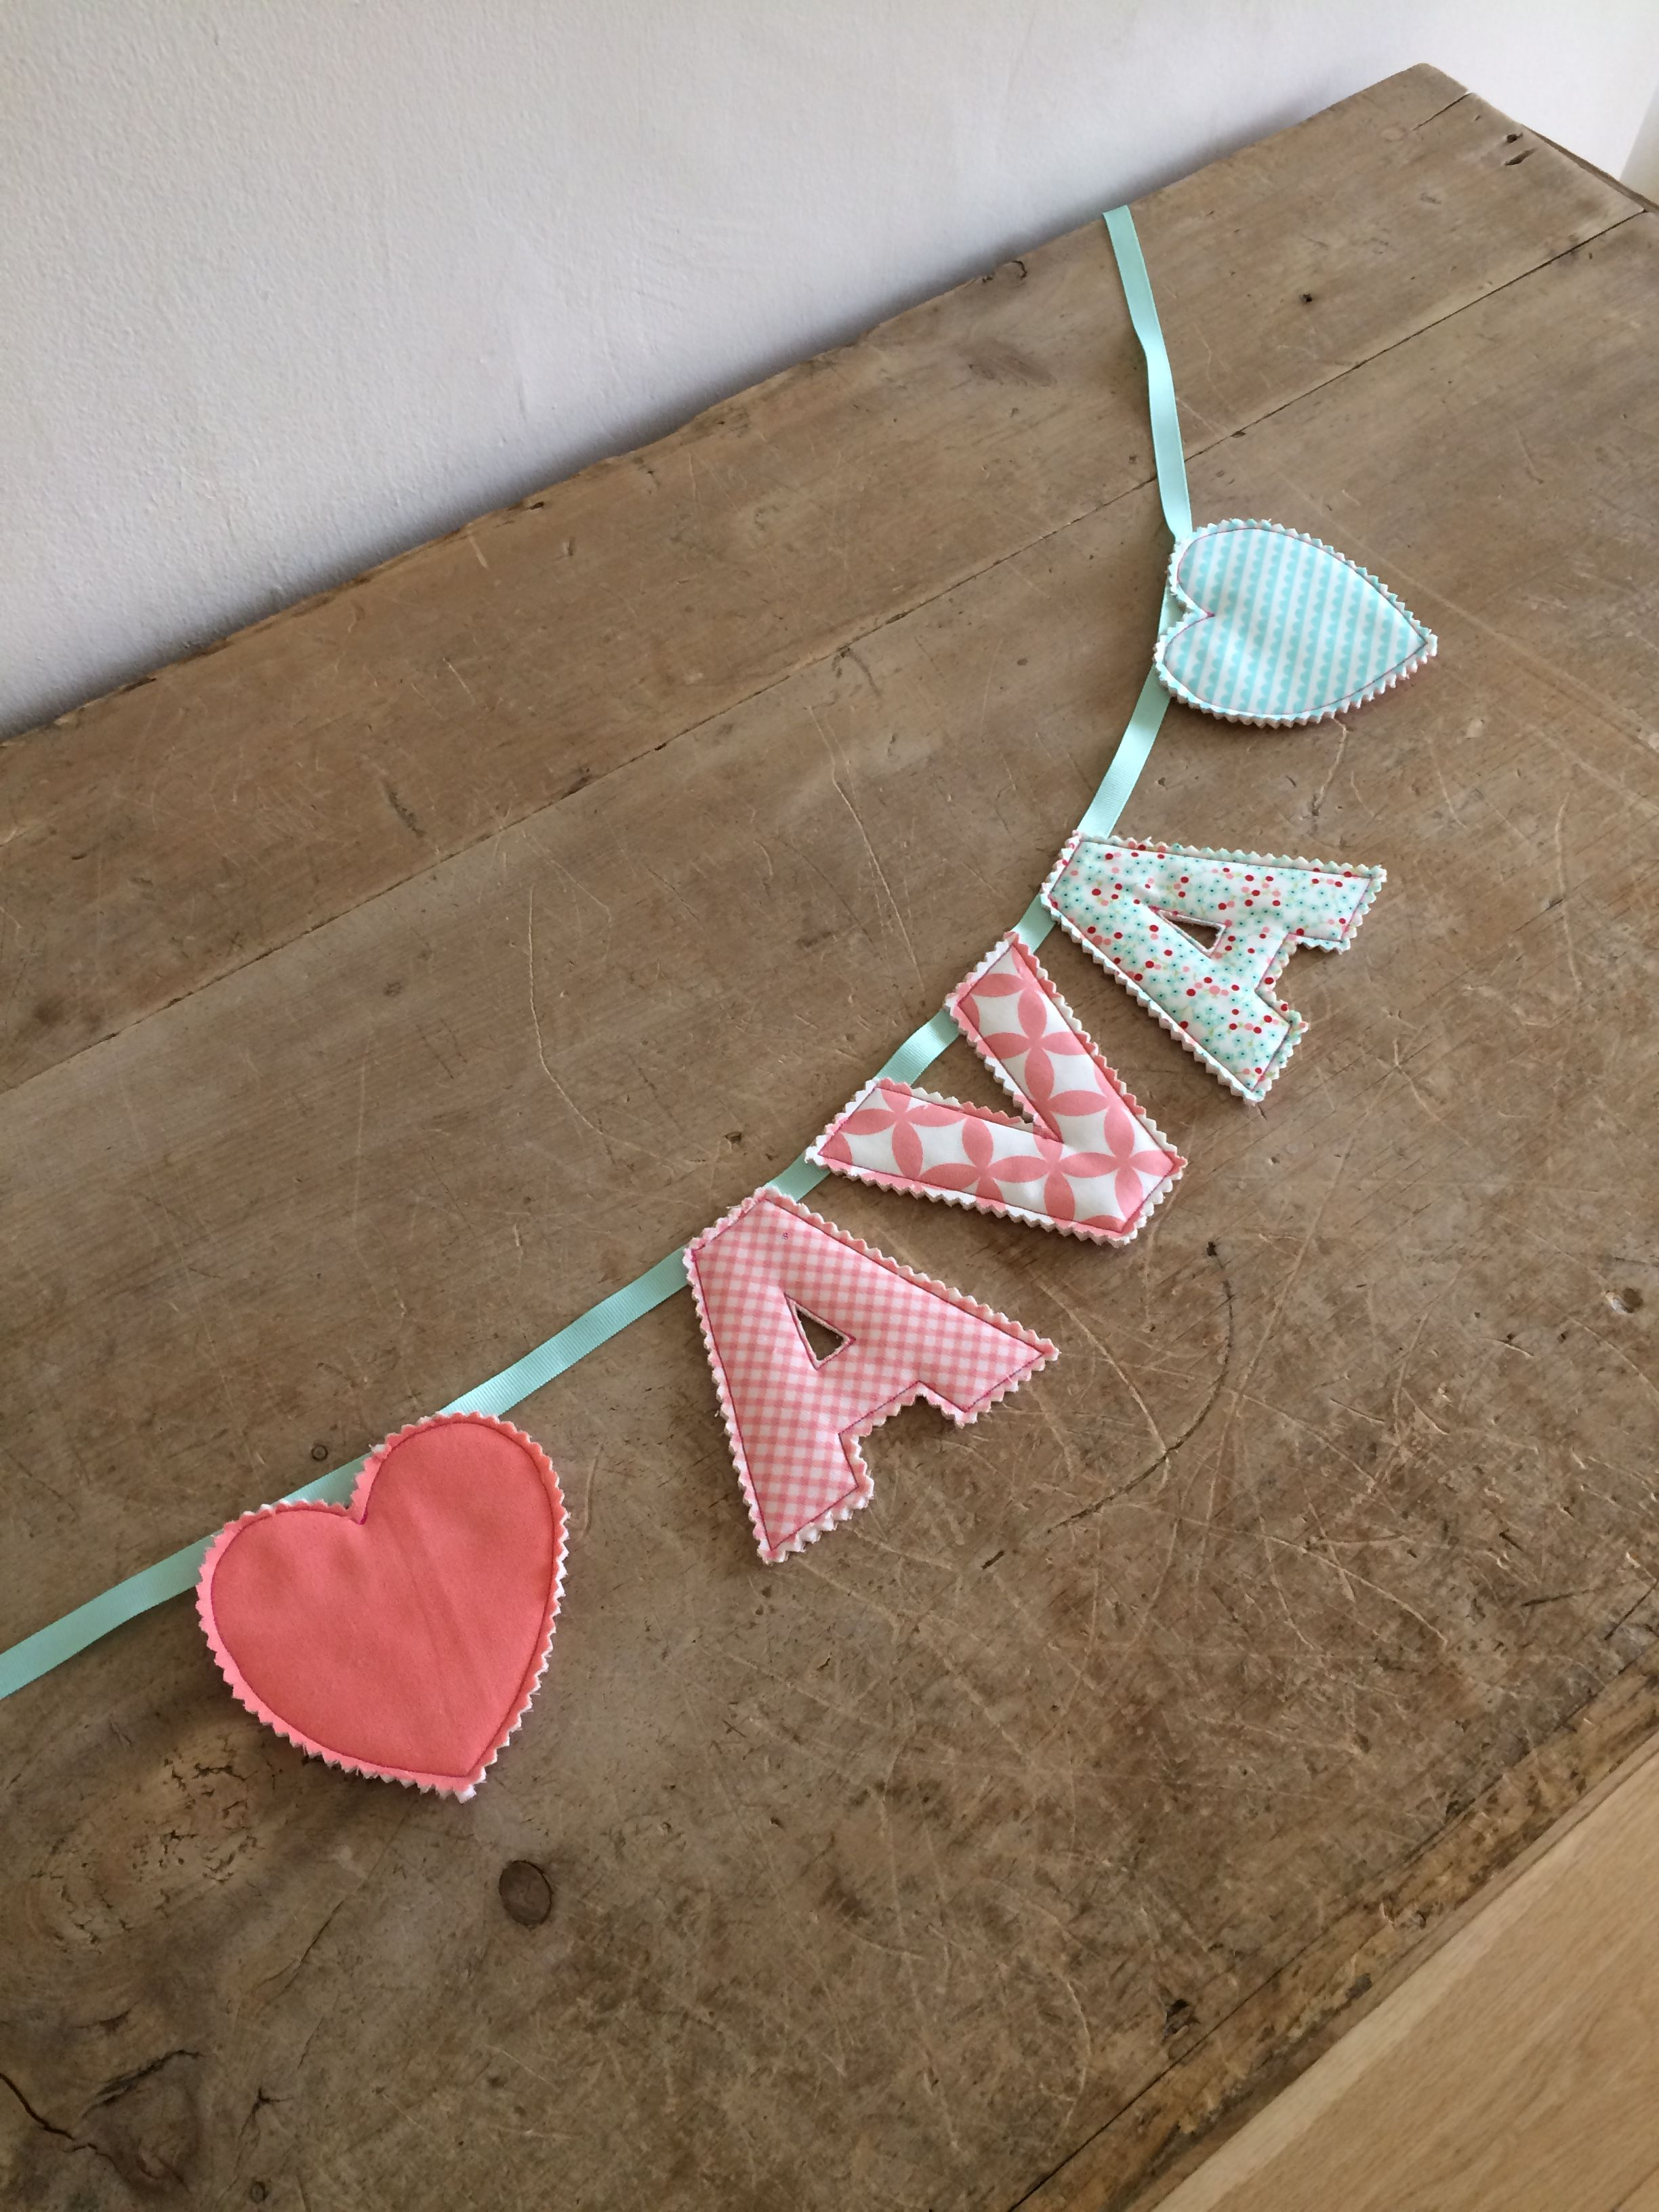 Christening gift for baby Ava 👶🏼